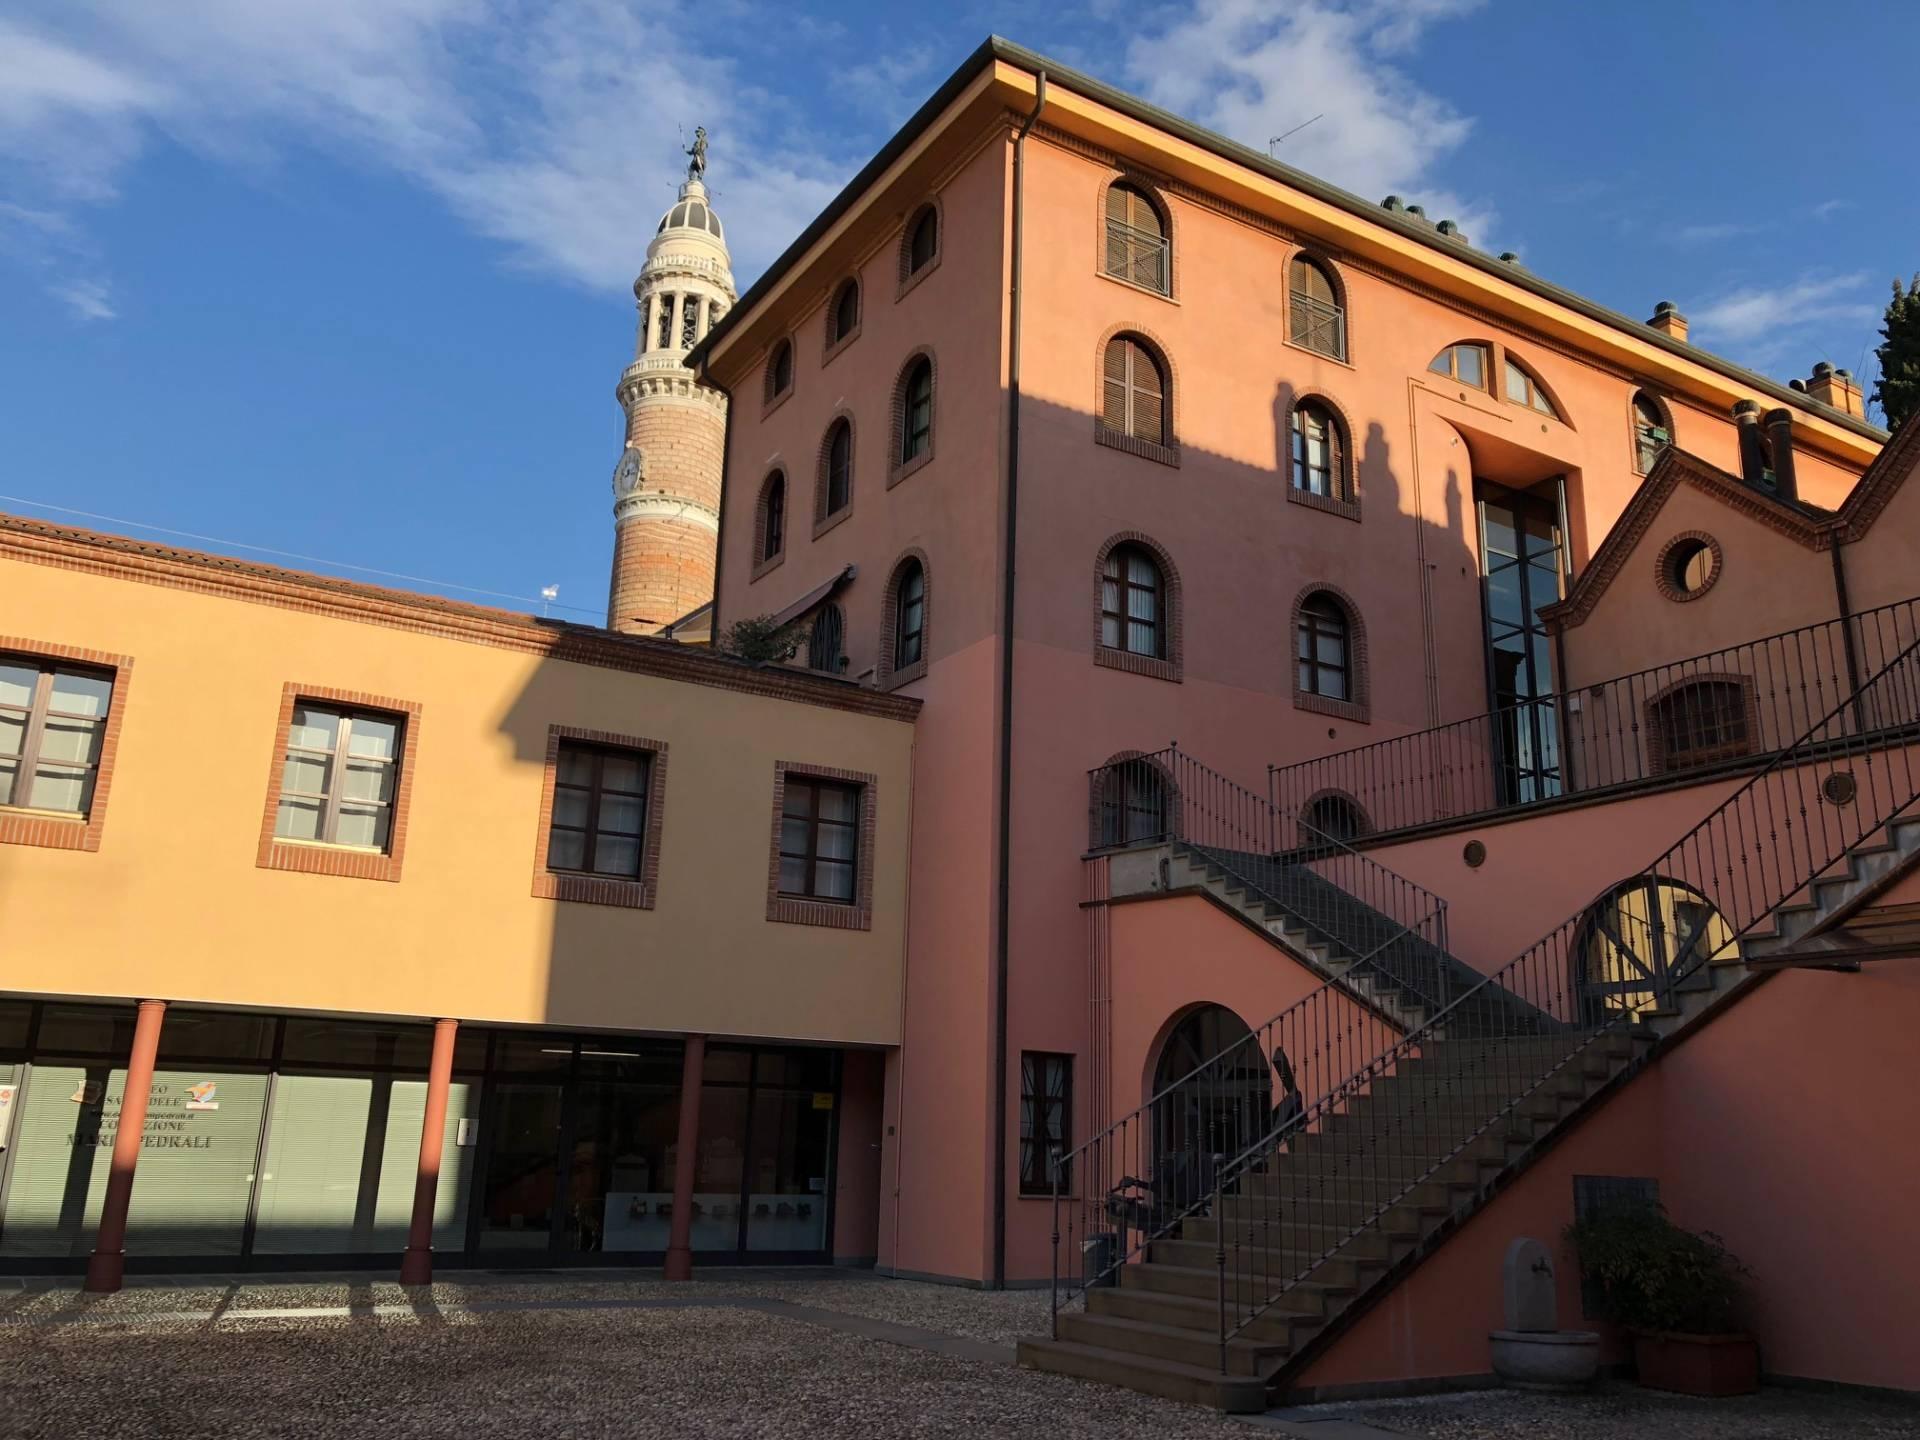 Attività / Licenza in vendita a Palazzolo sull'Oglio, 9999 locali, prezzo € 159.900 | PortaleAgenzieImmobiliari.it